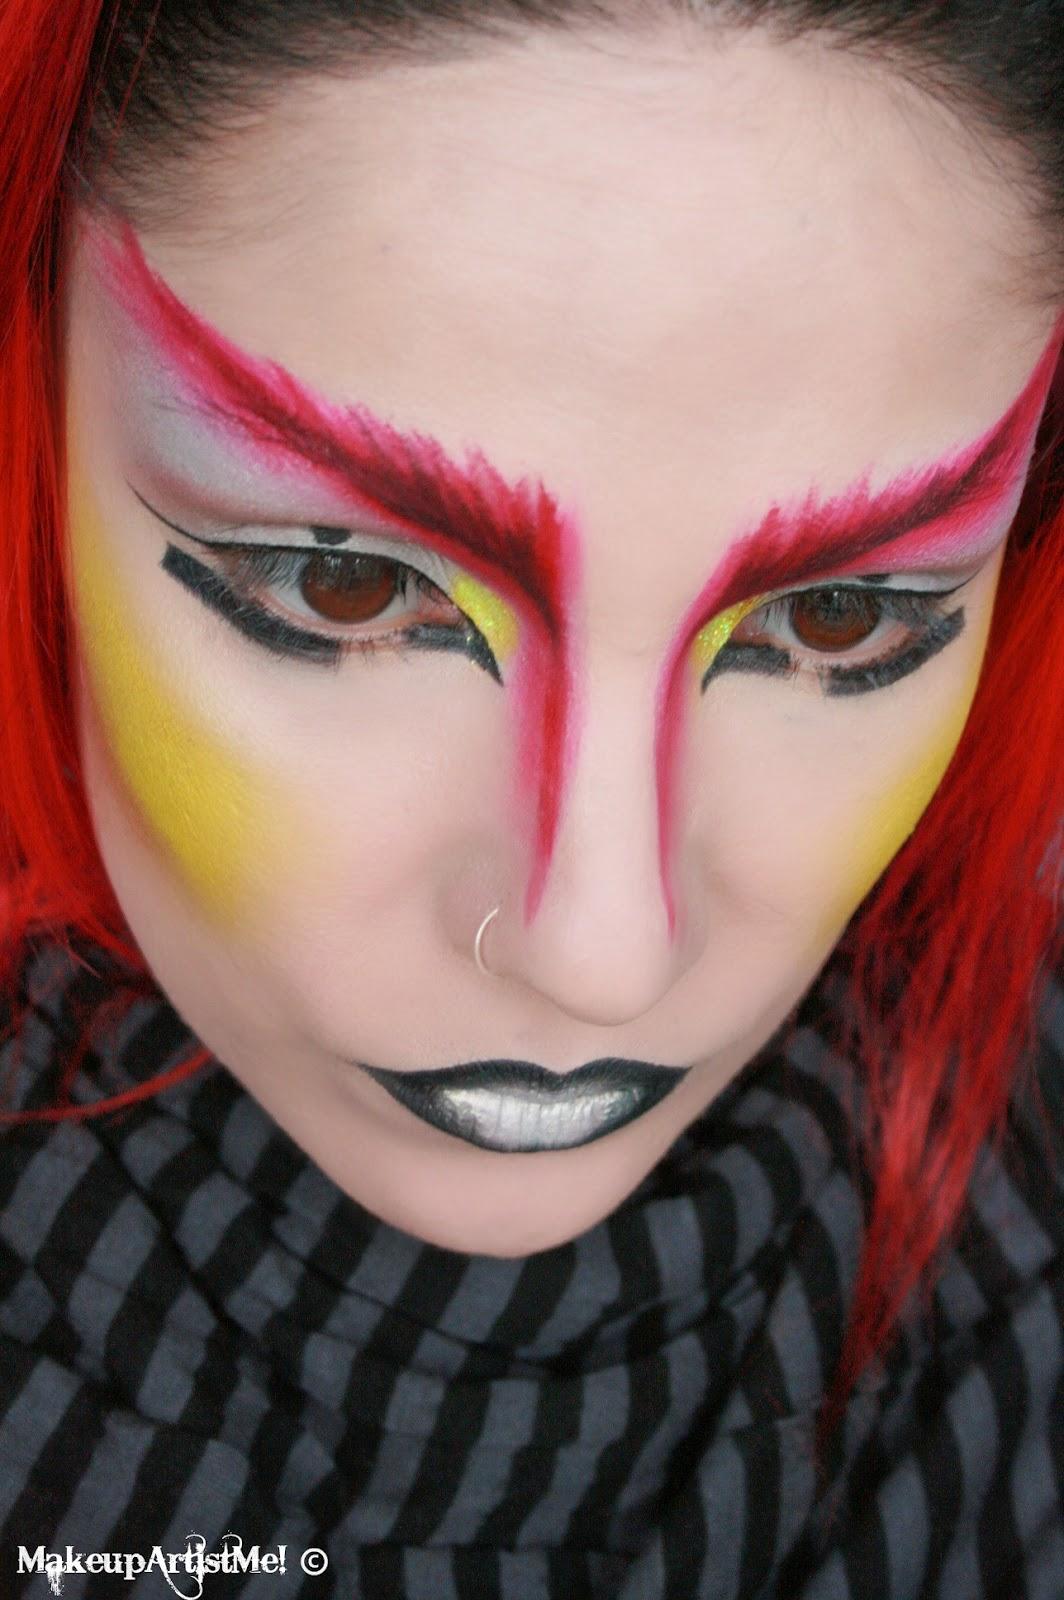 Make Up Artist Me Warrior An Artistic Makeup Look